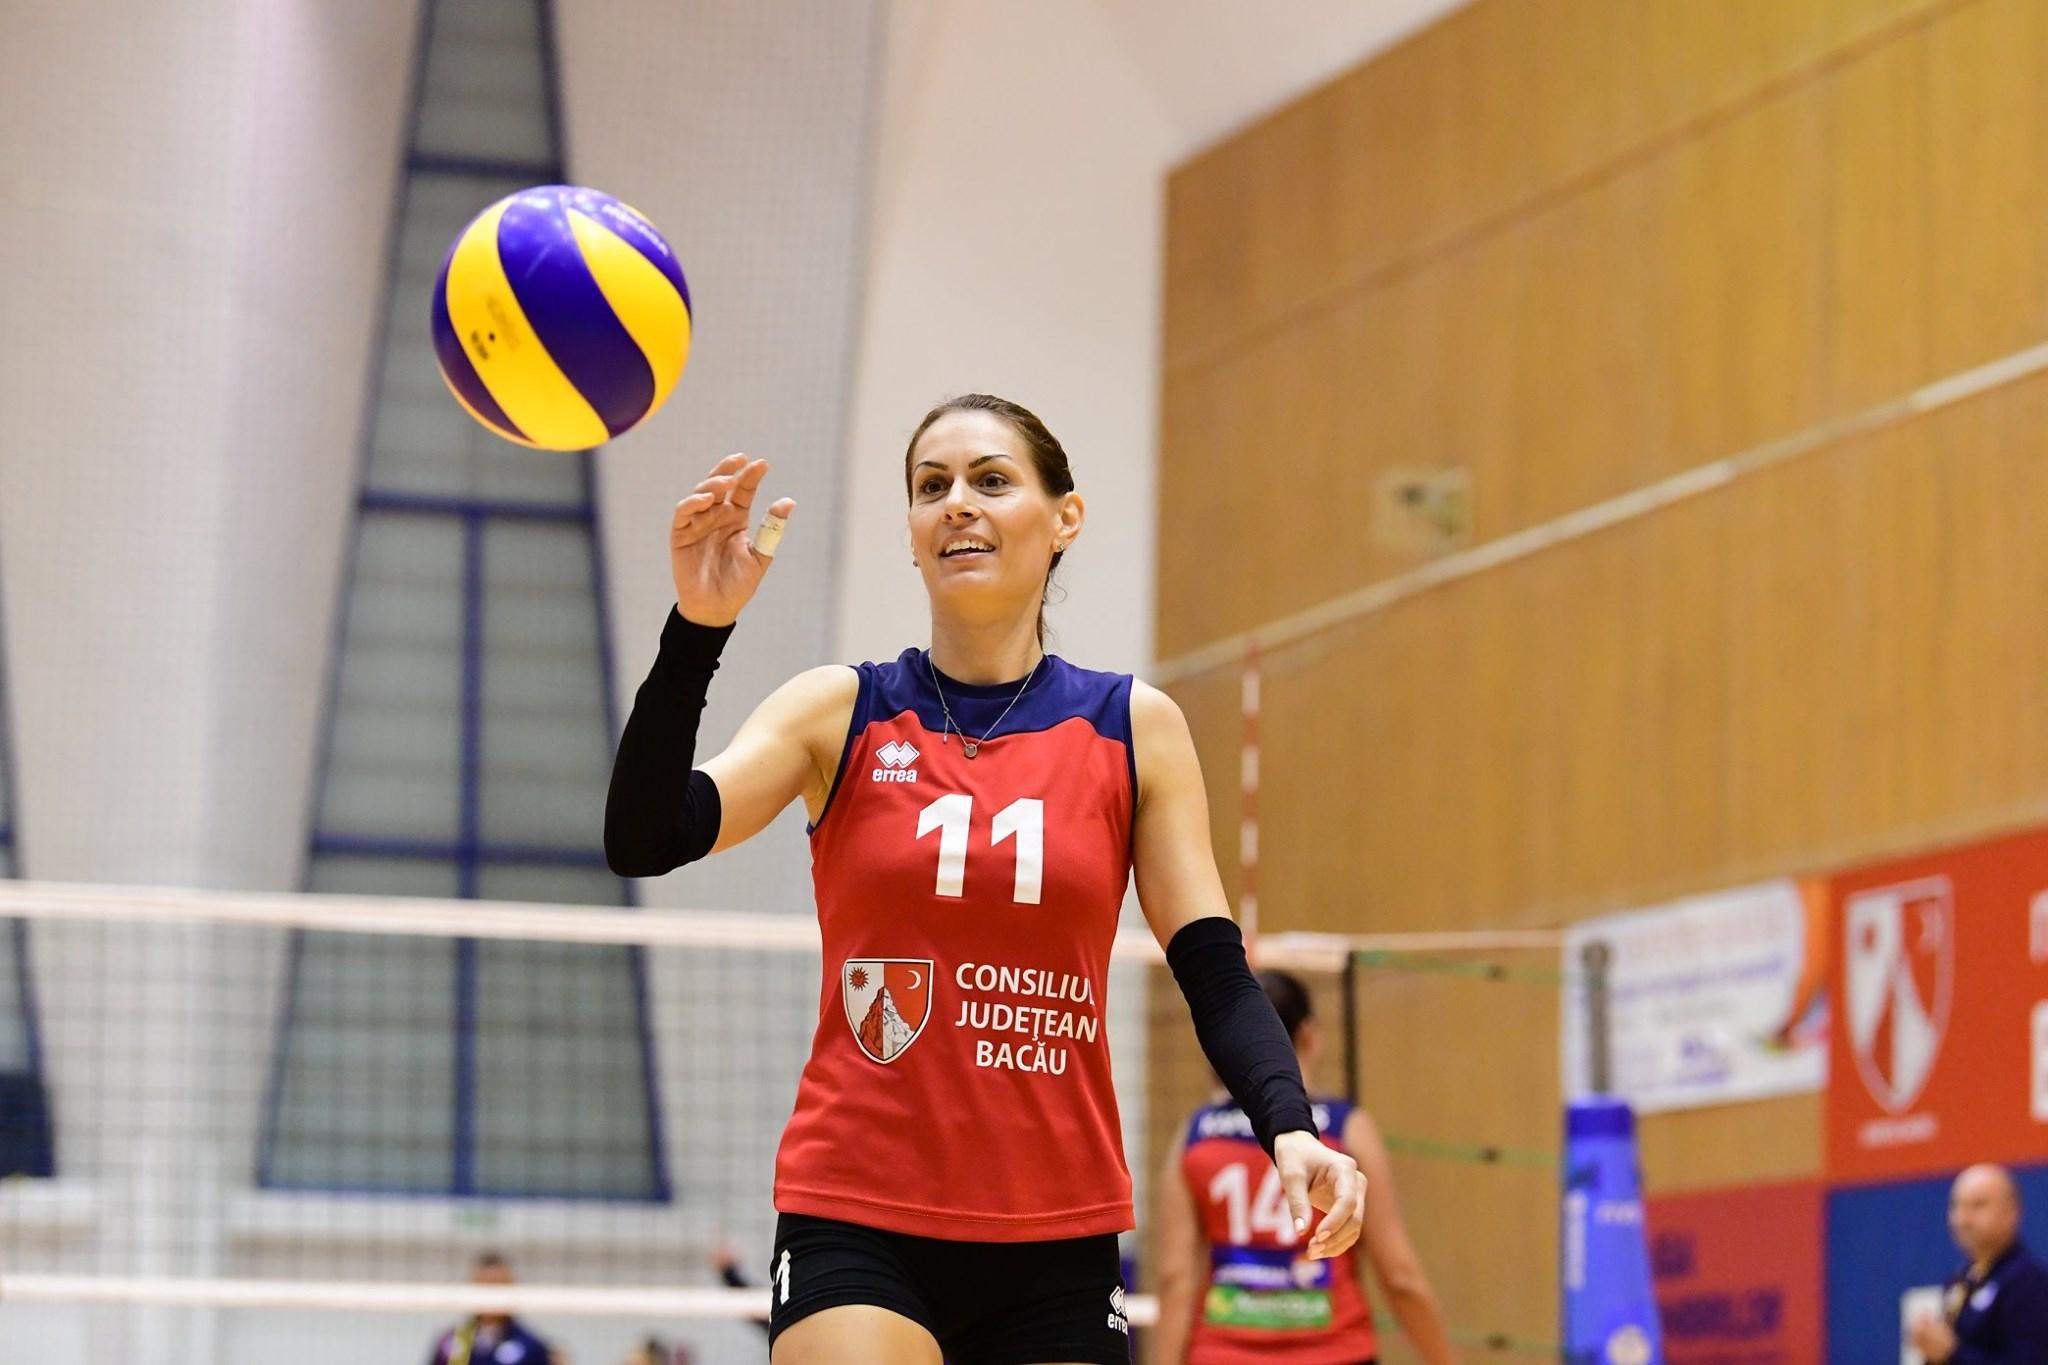 Българската волейболистка Славина Колева и нейният Щиинца (Бакъу) записаха трета